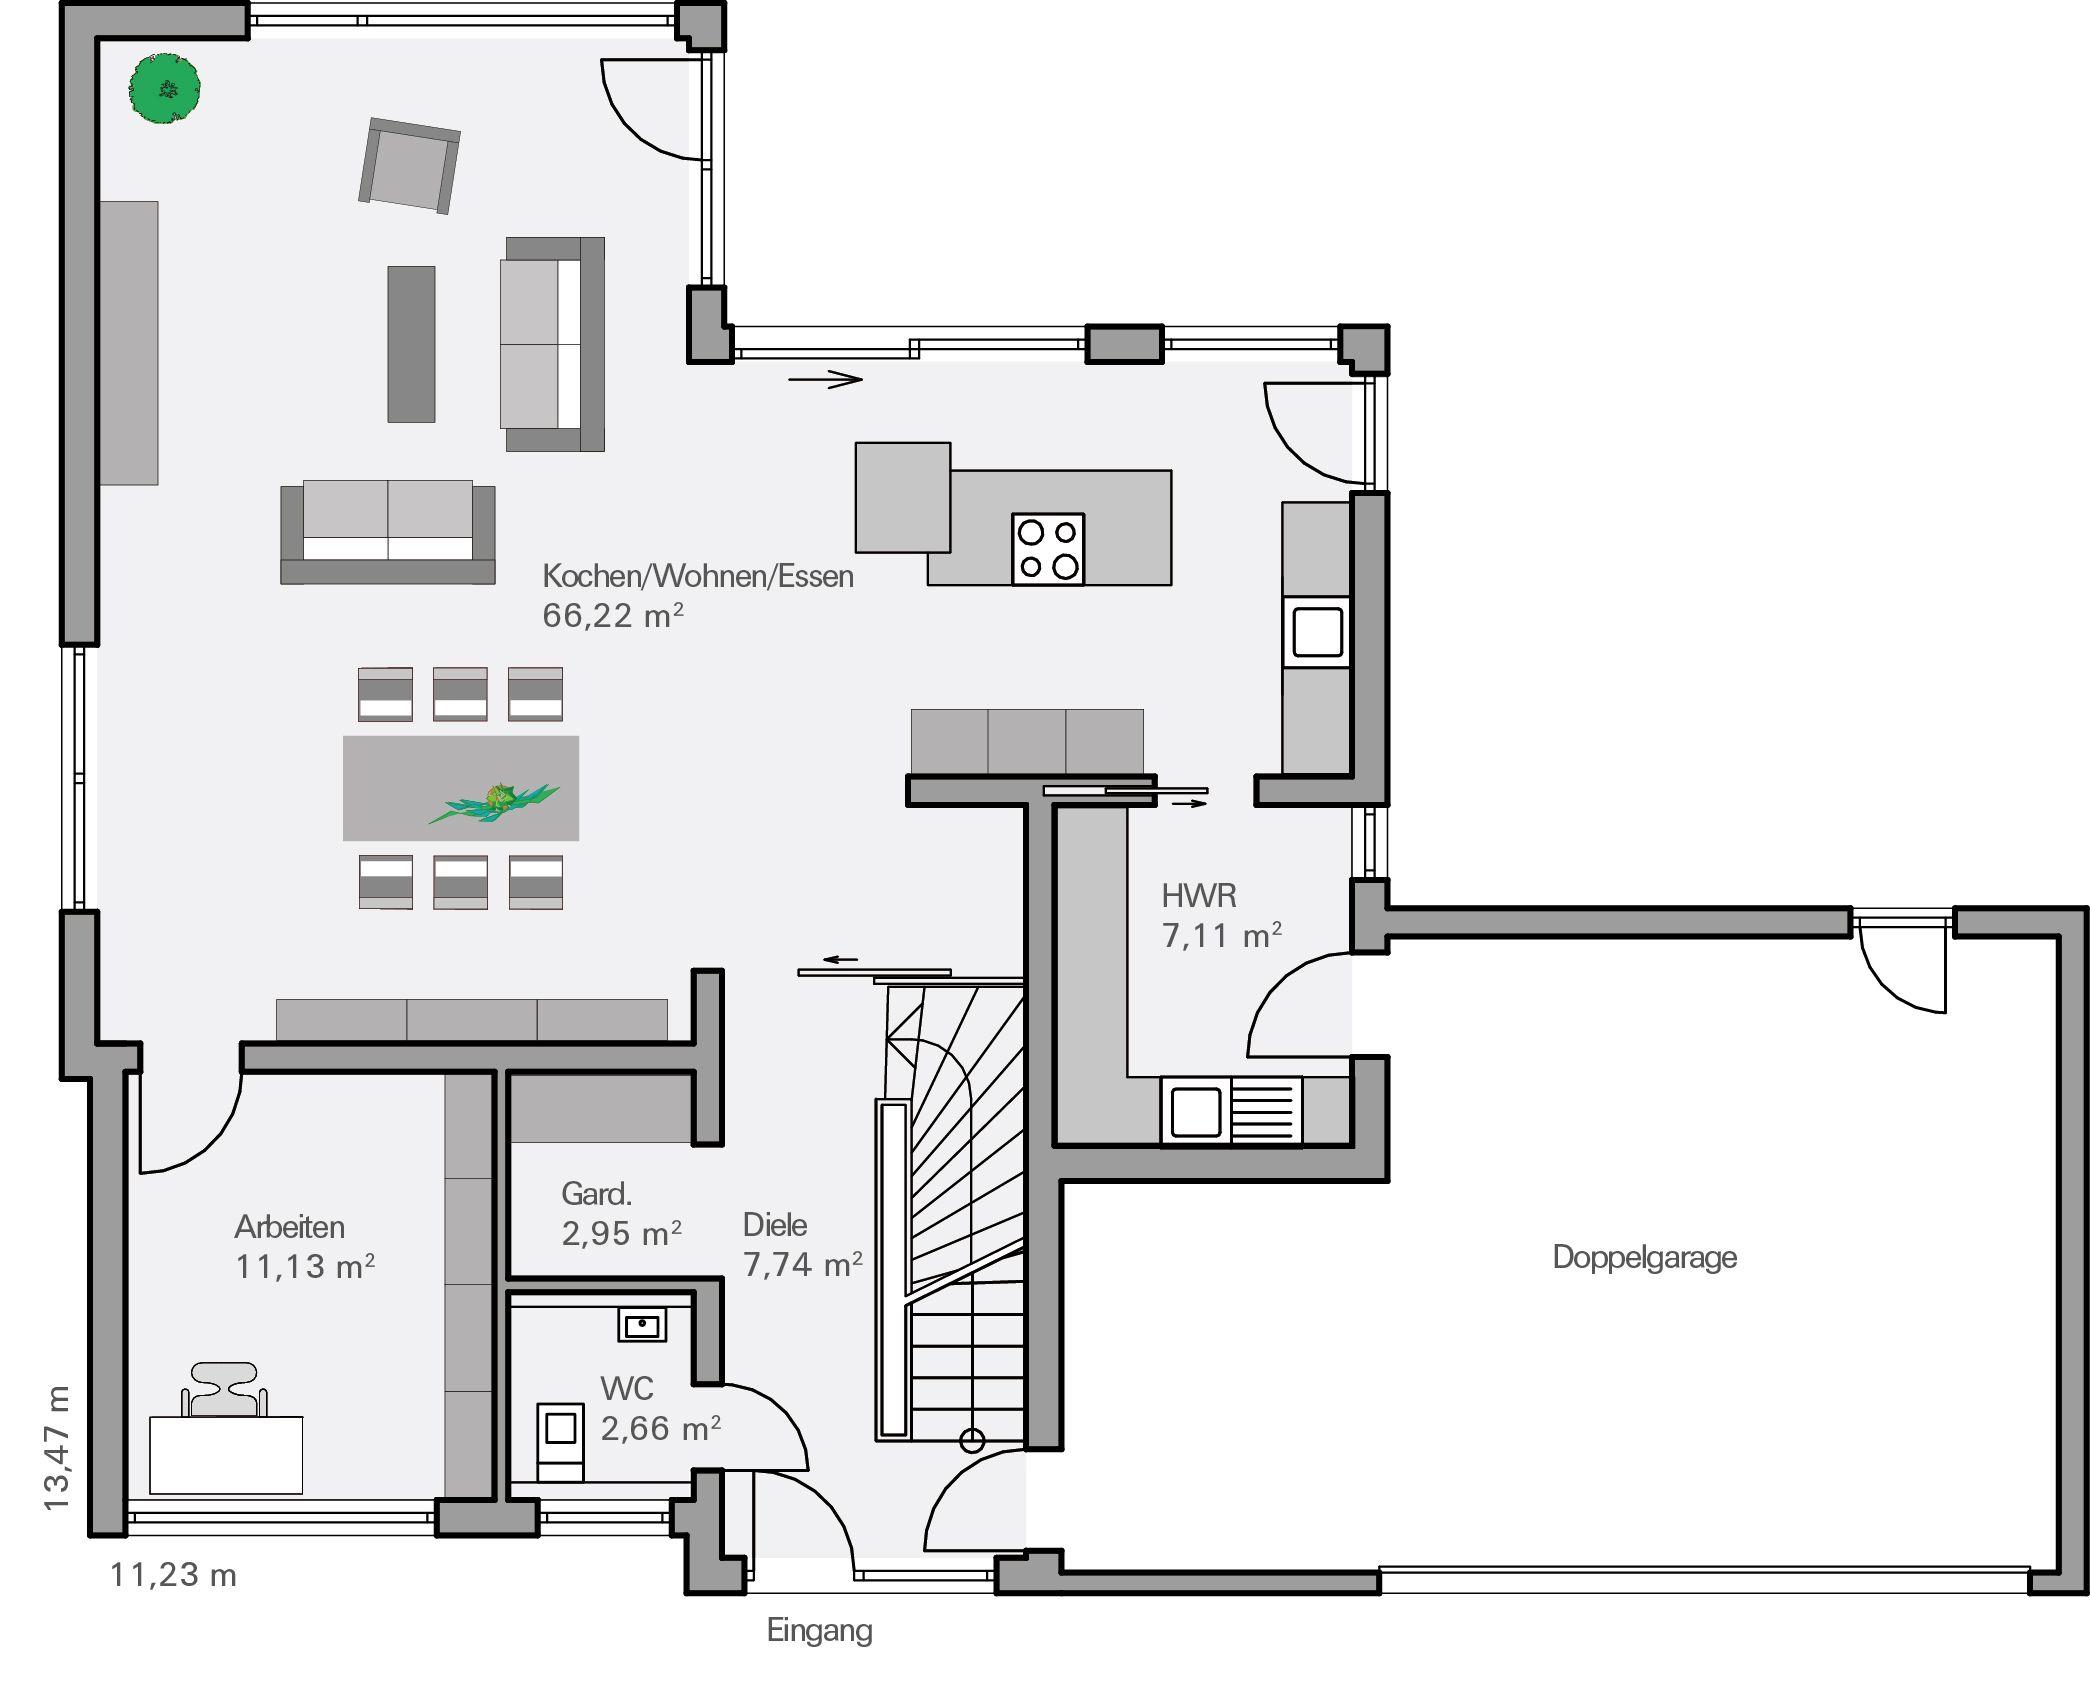 Bungalow grundrisse stadtvilla traumhaus erdgeschoss fachwerk offene raumaufteilung baumeister haus haus skizze raumgestaltung